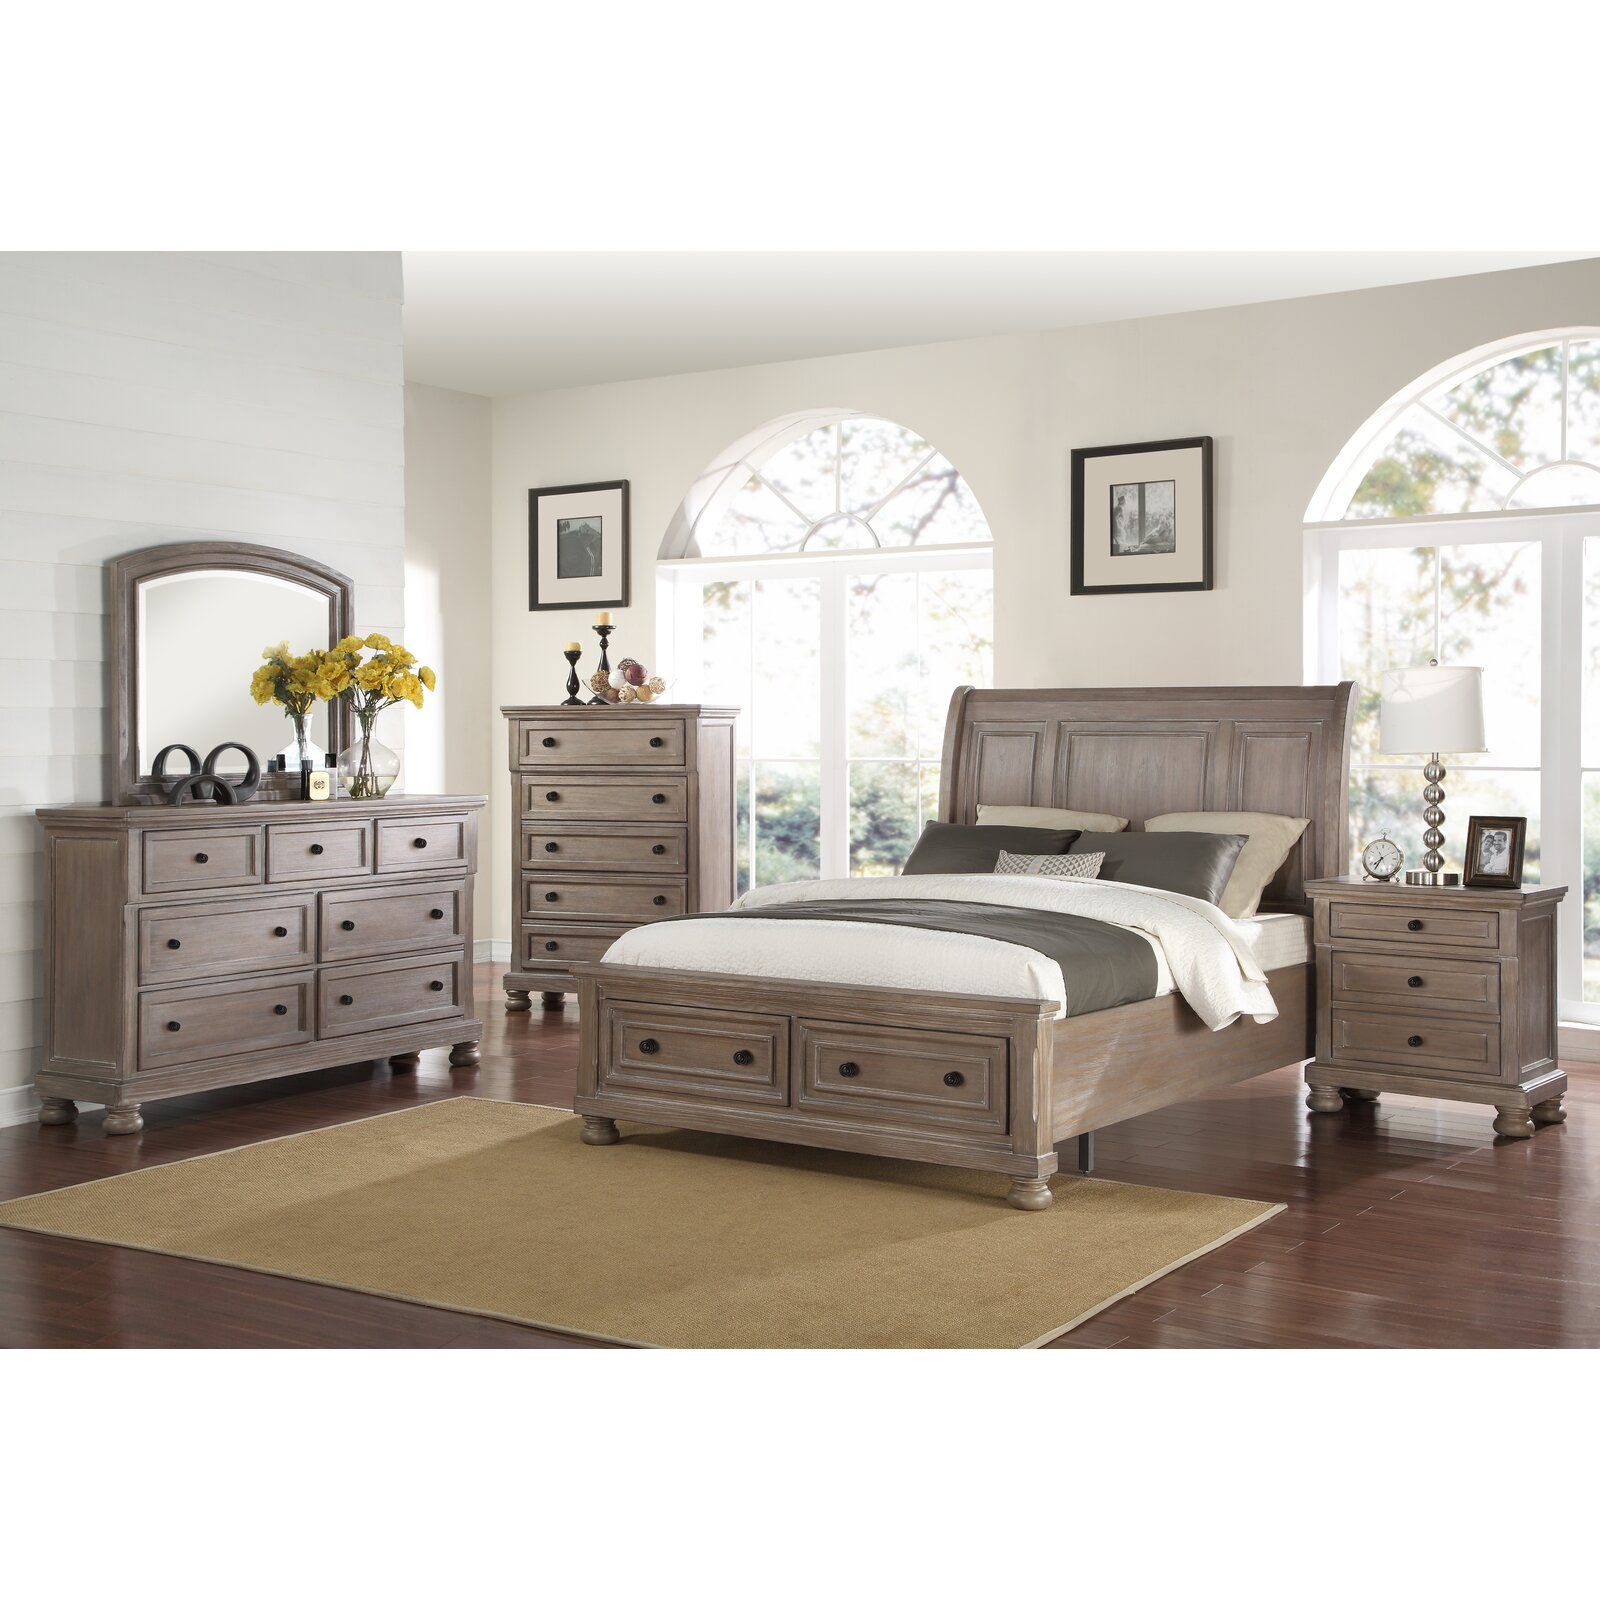 Willesden King Platform Solid Wood Configurable Bedroom Set